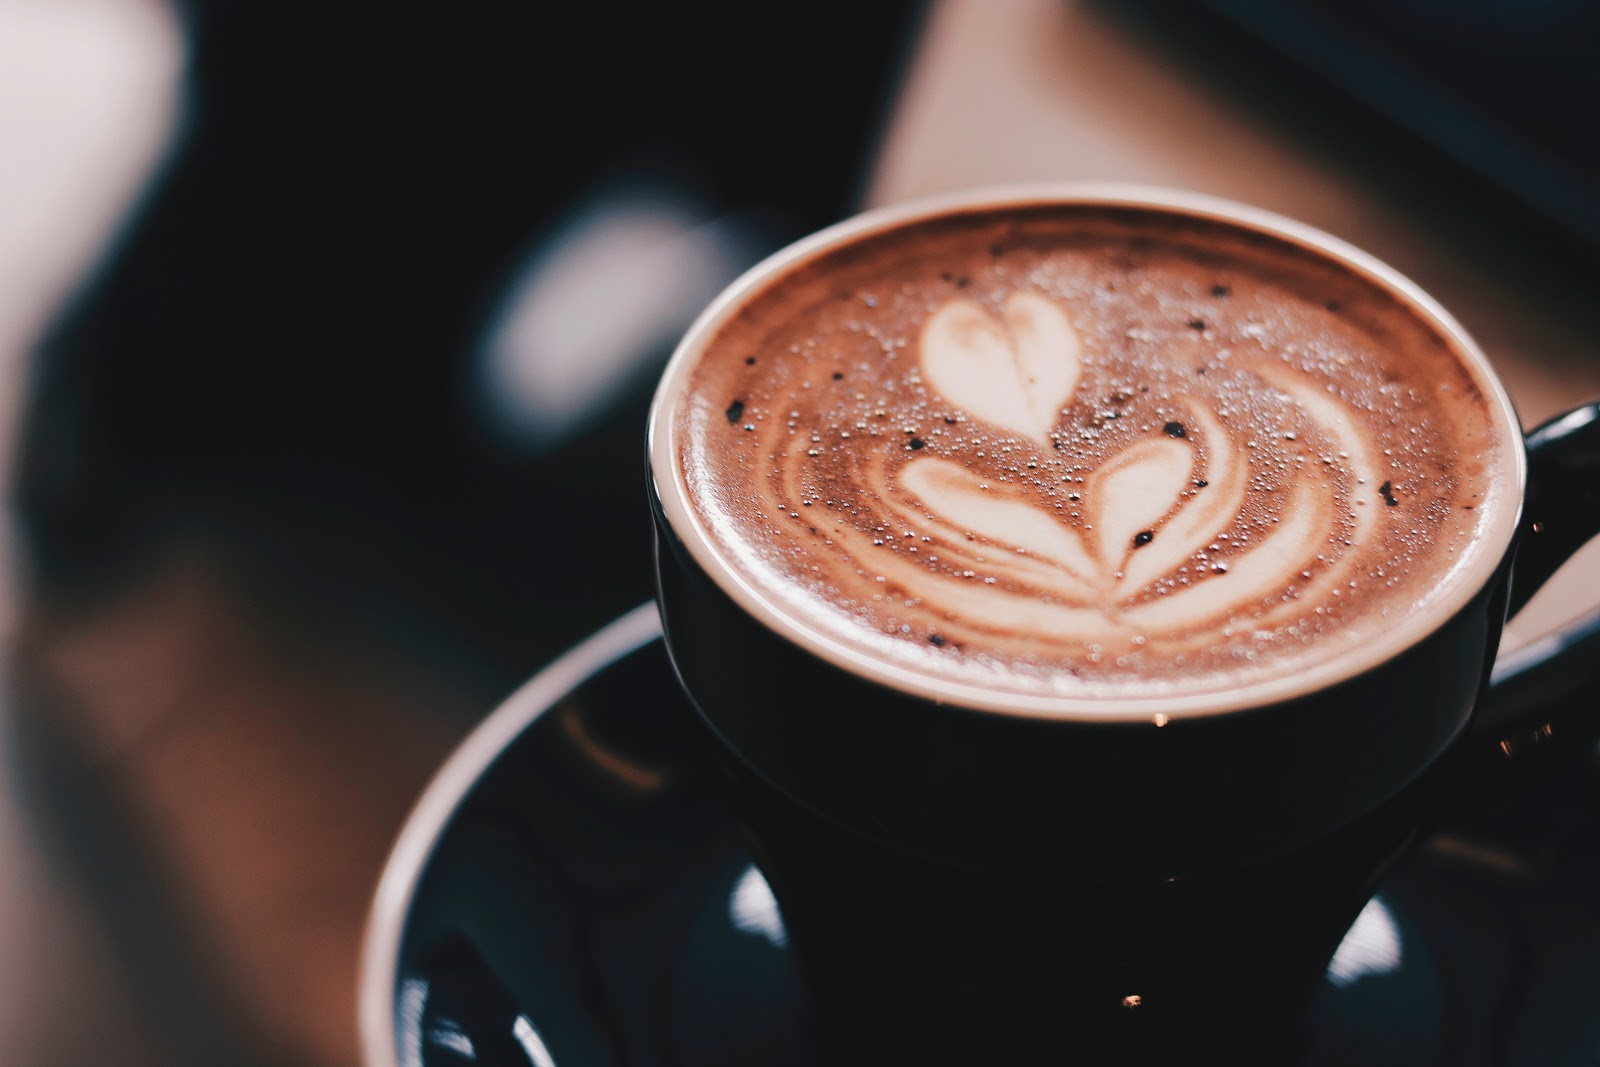 花のラテアート(カップのコーヒーにミルクで花の絵が描かれている)